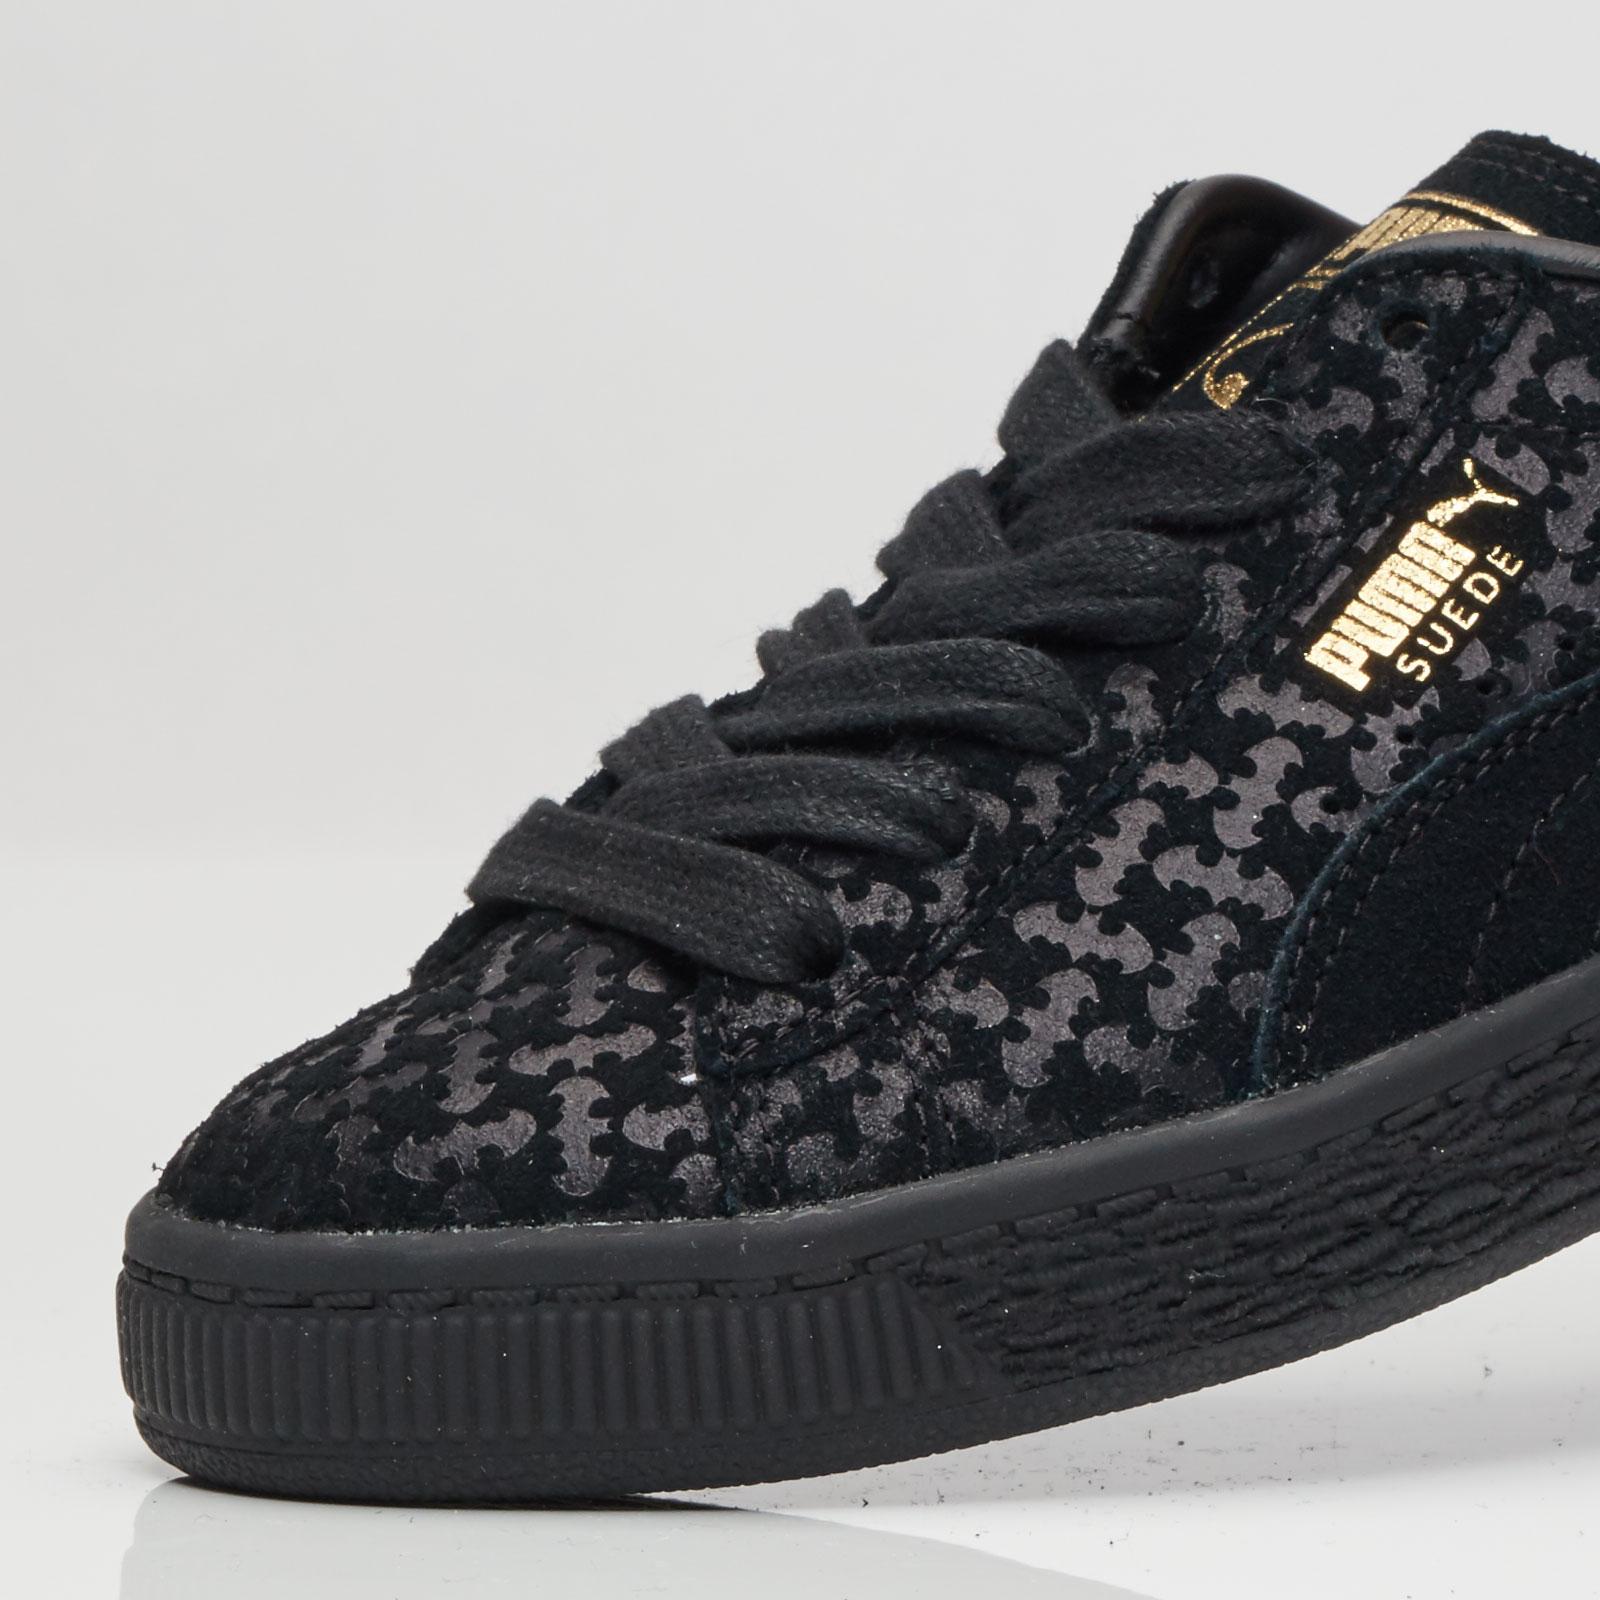 1e53453fcfe Puma Suede Batman Fm Ps - 362494-01 - Sneakersnstuff